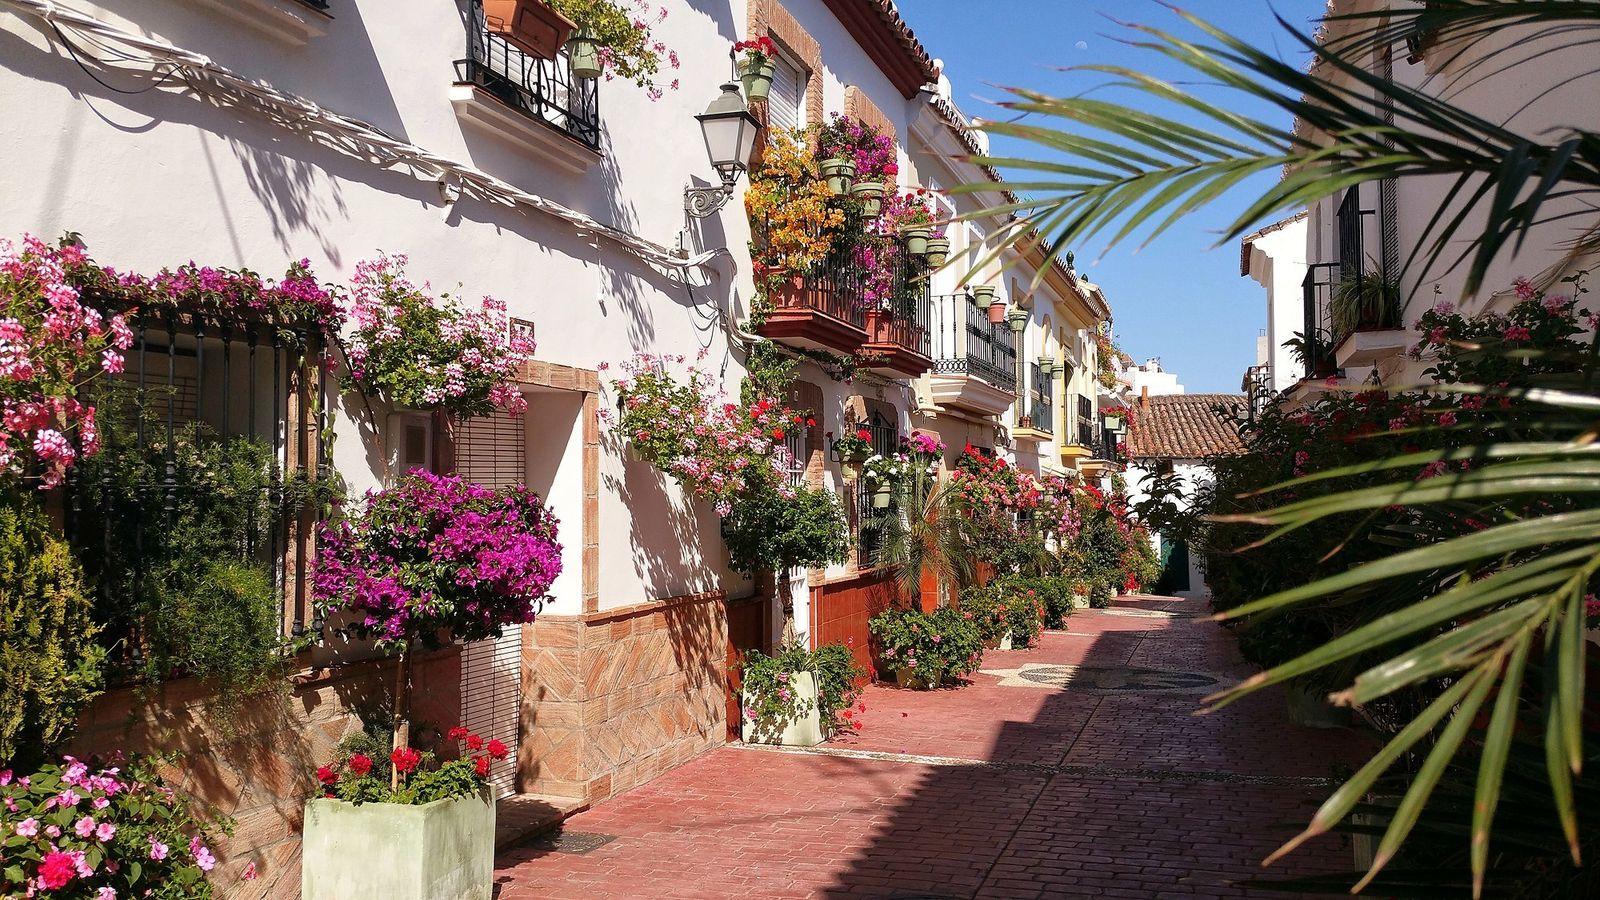 Foto: El tiempo en Estepona. (C.C./Turista inglesa)